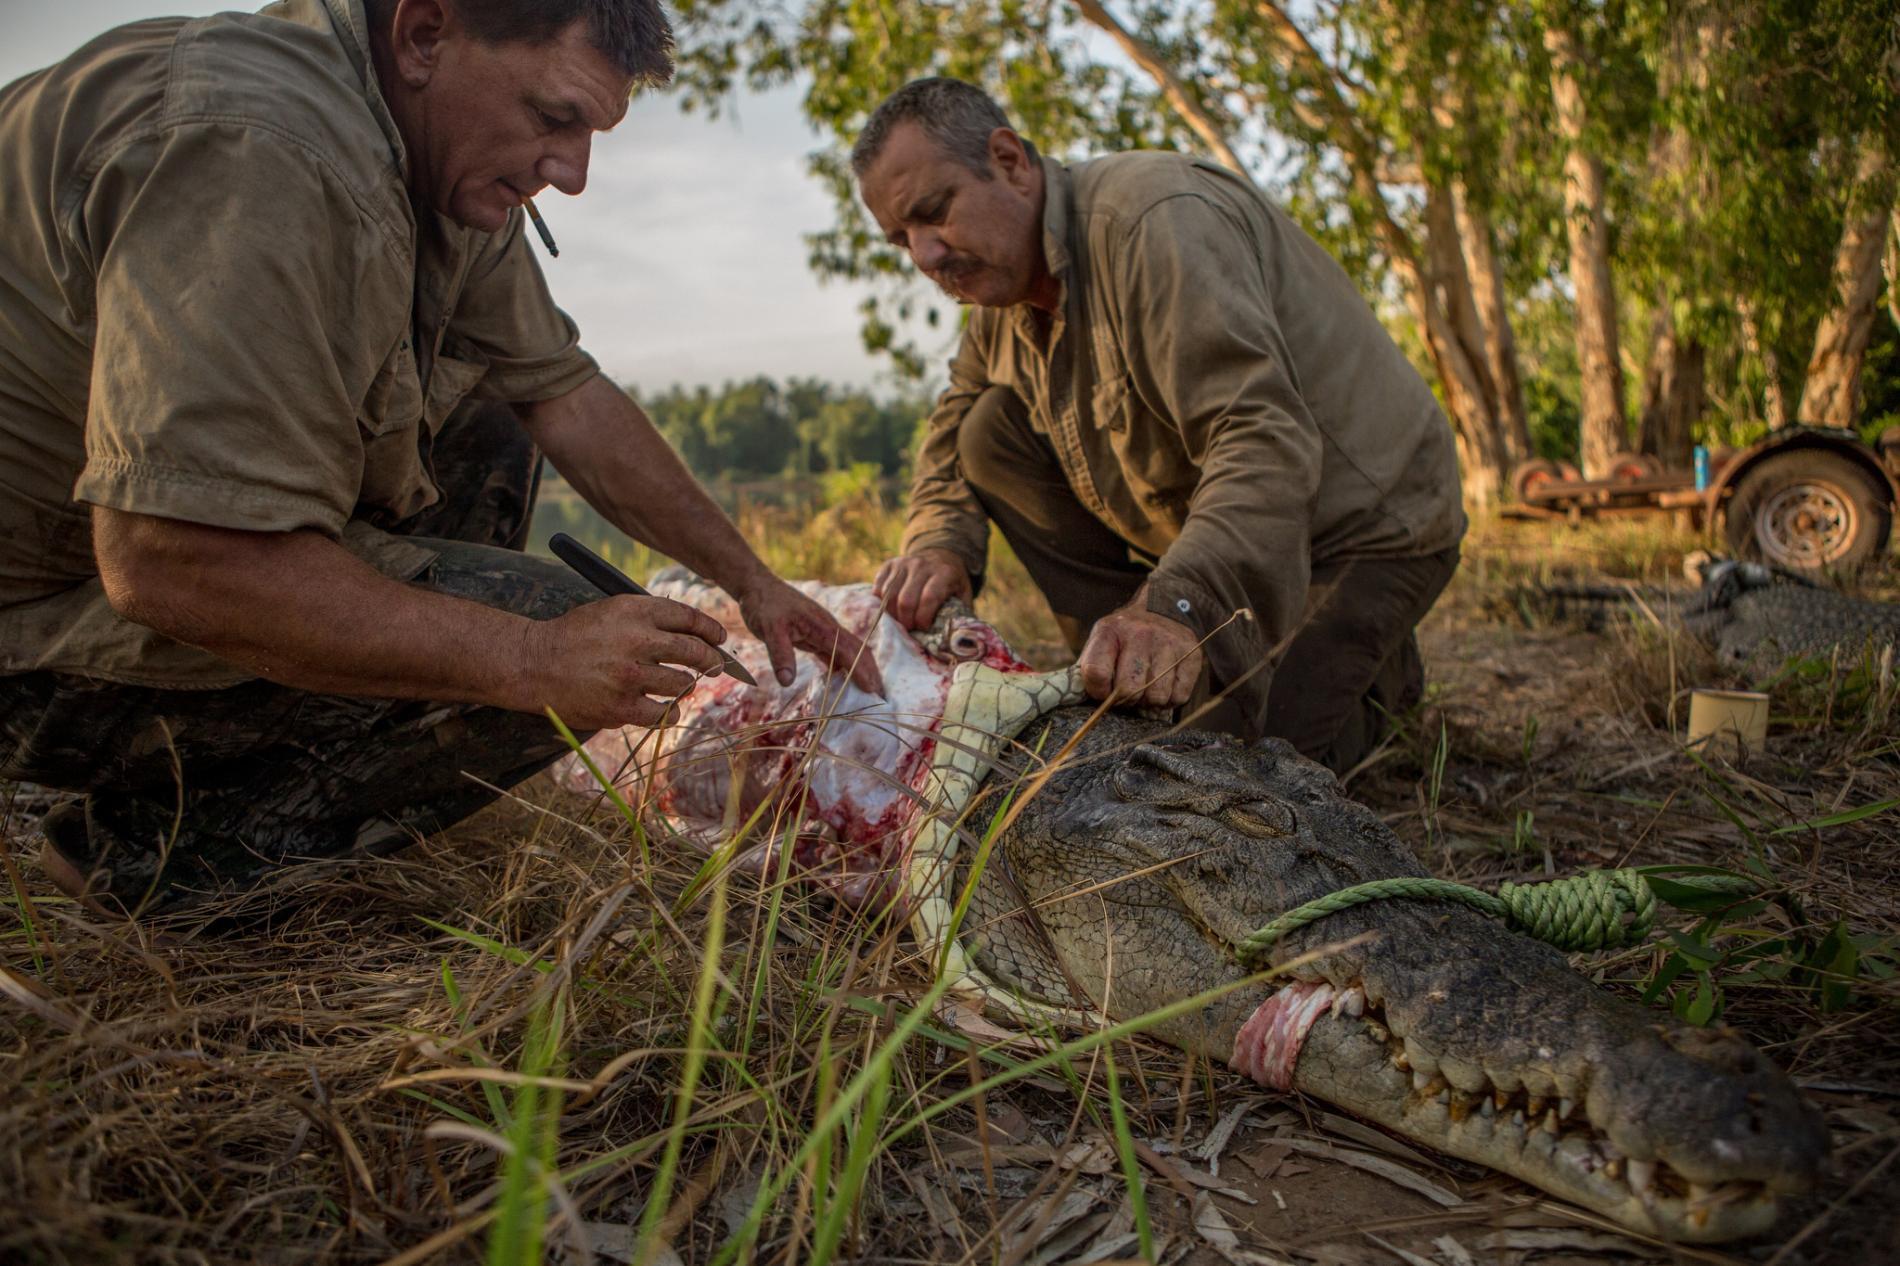 Săn cá sấu khổng lồ trên con thuyền vỏn vẹn dài 4m: Khi cuộc chiến thực sự bắt đầu! - Ảnh 12.